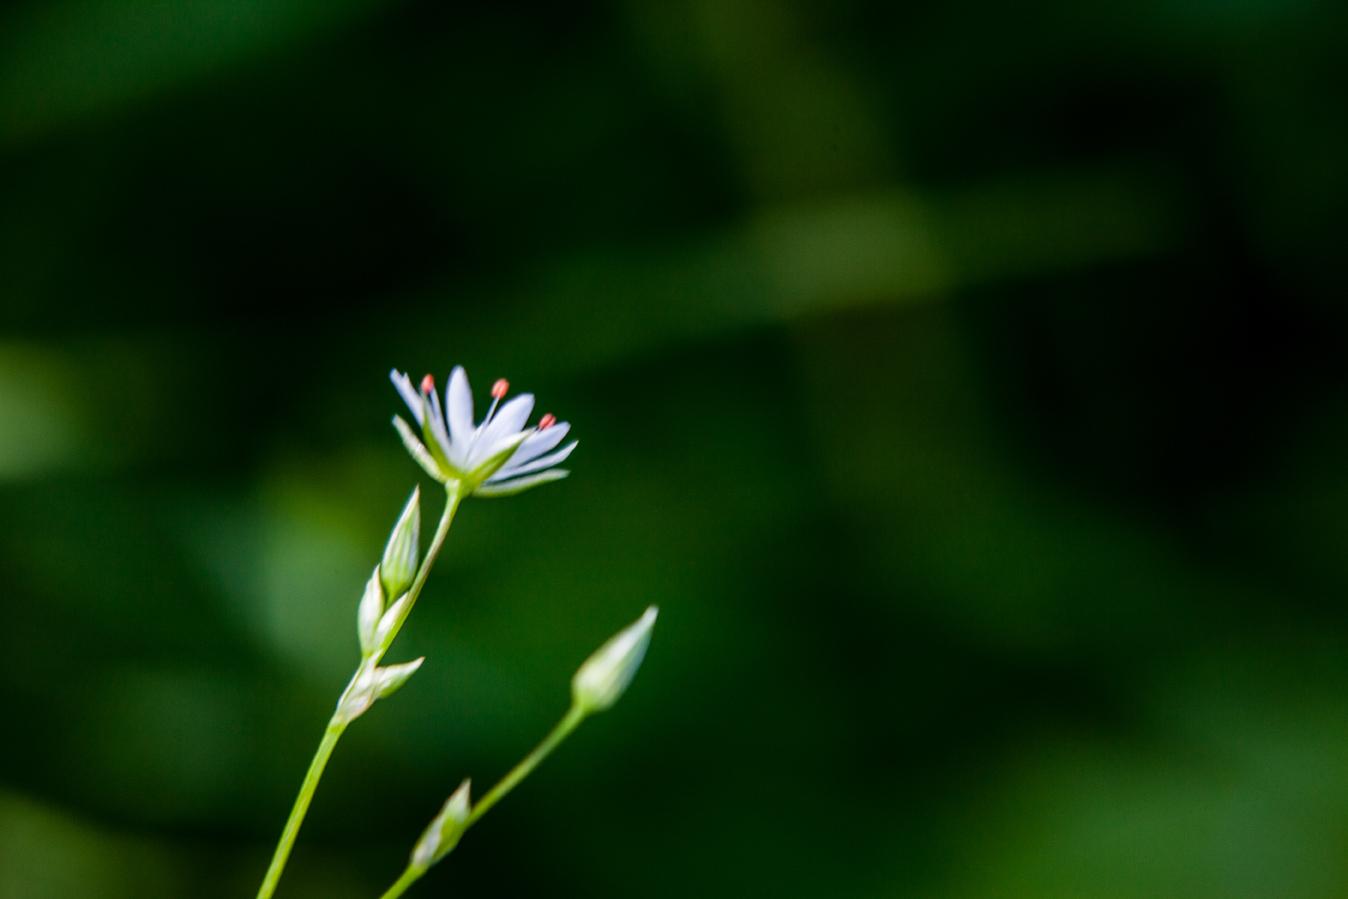 Foto: Sunpictures.de